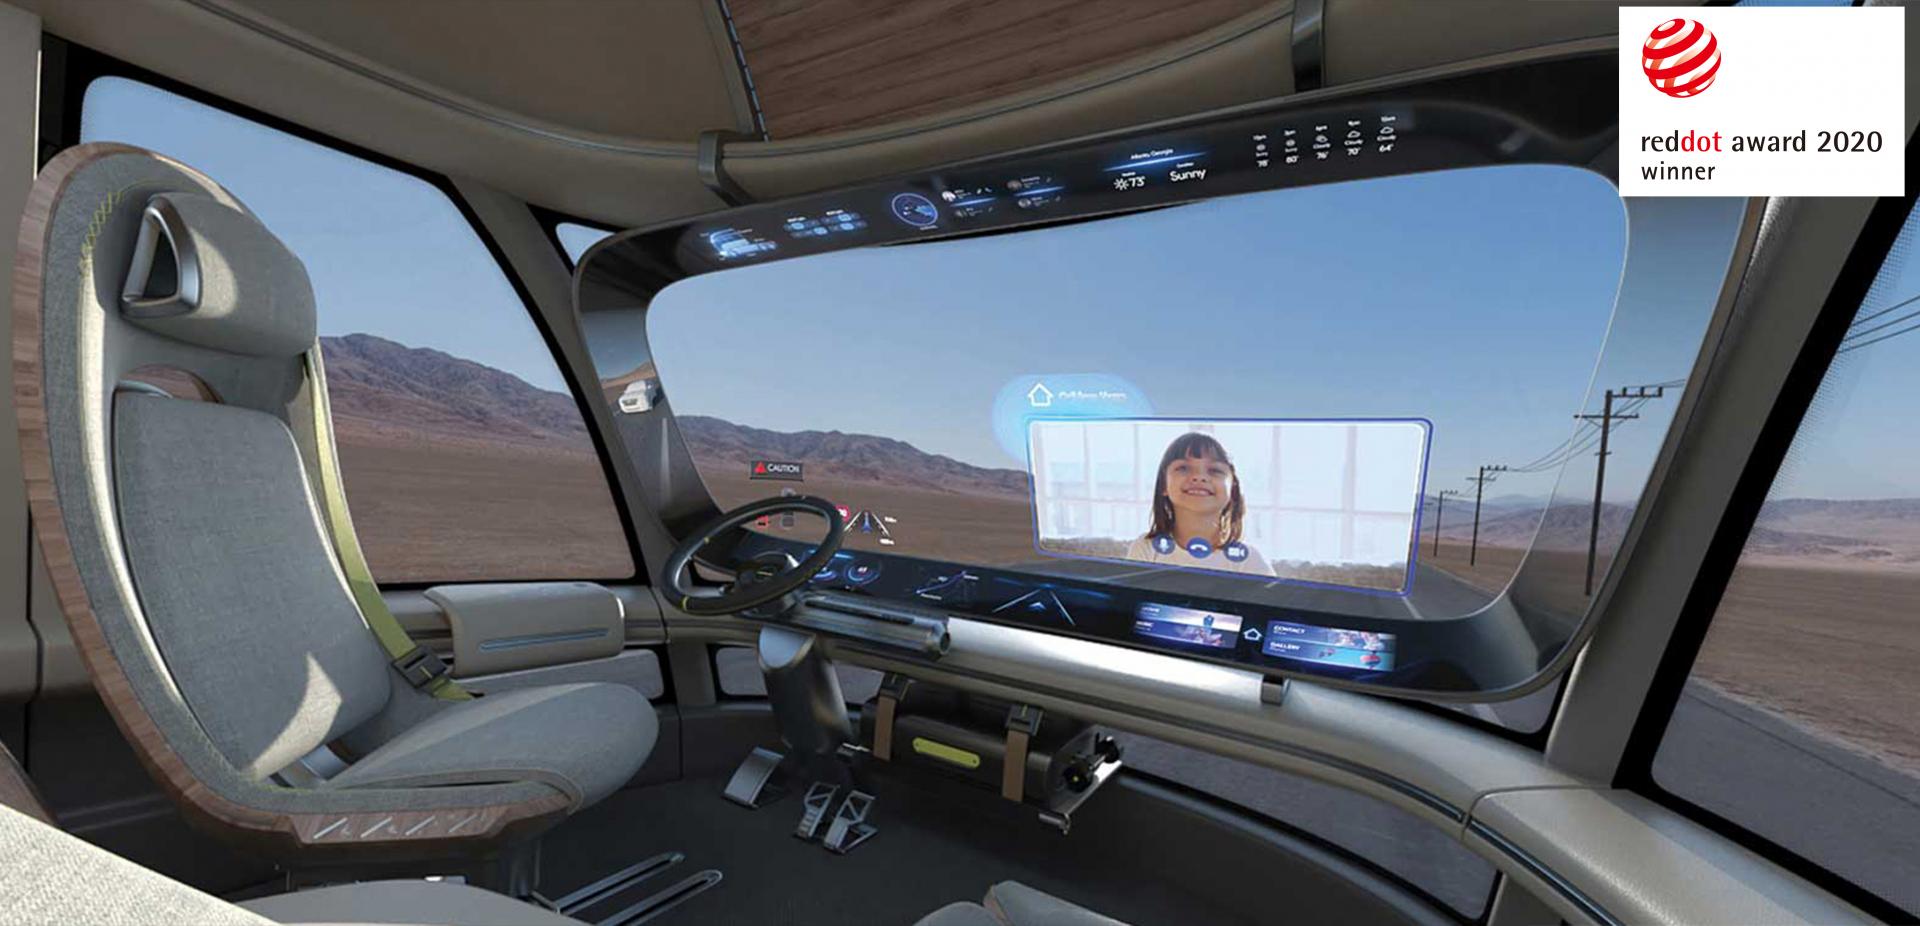 Компанія Hyundai Motor отримала три нагороди Red Dot Award 2020 за концептуальний дизайн | ВІК-Експо - фото 12